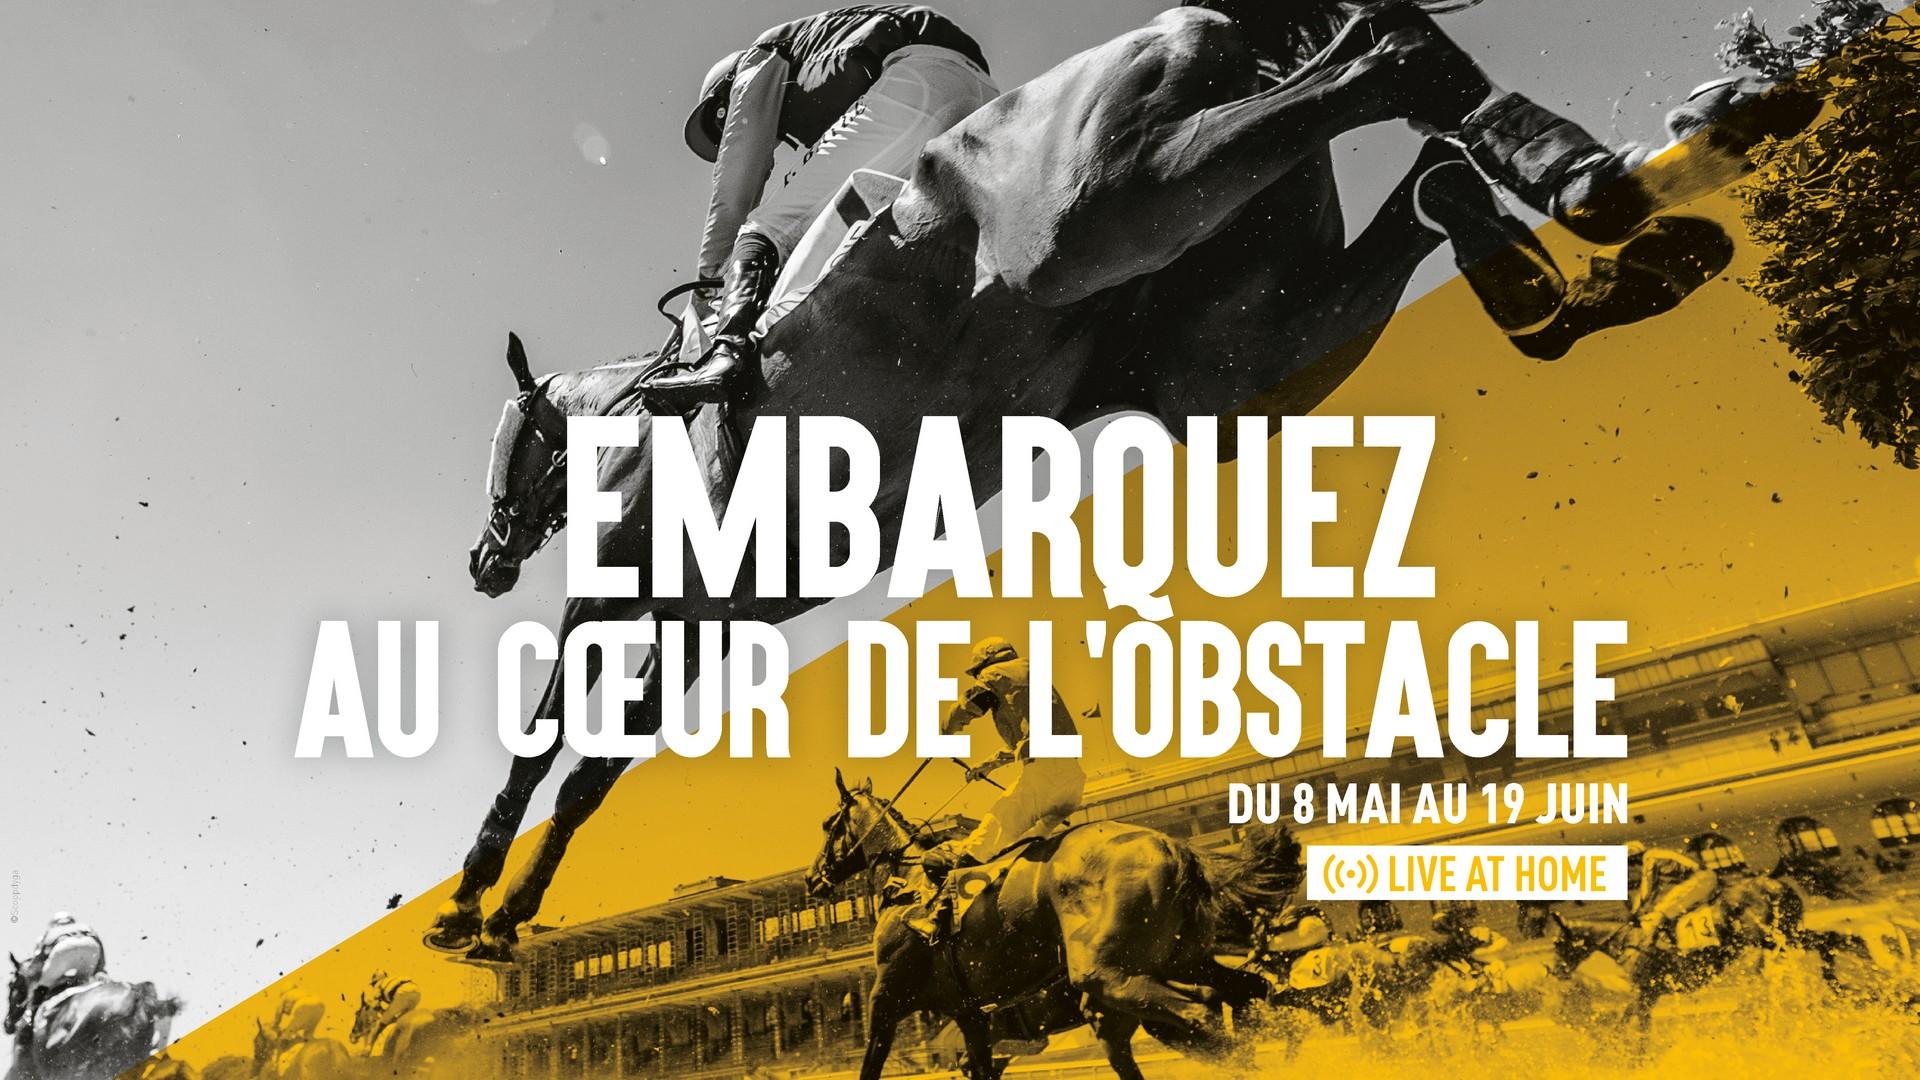 France Galop – Embarquez au coeur de l'obstacle 2021